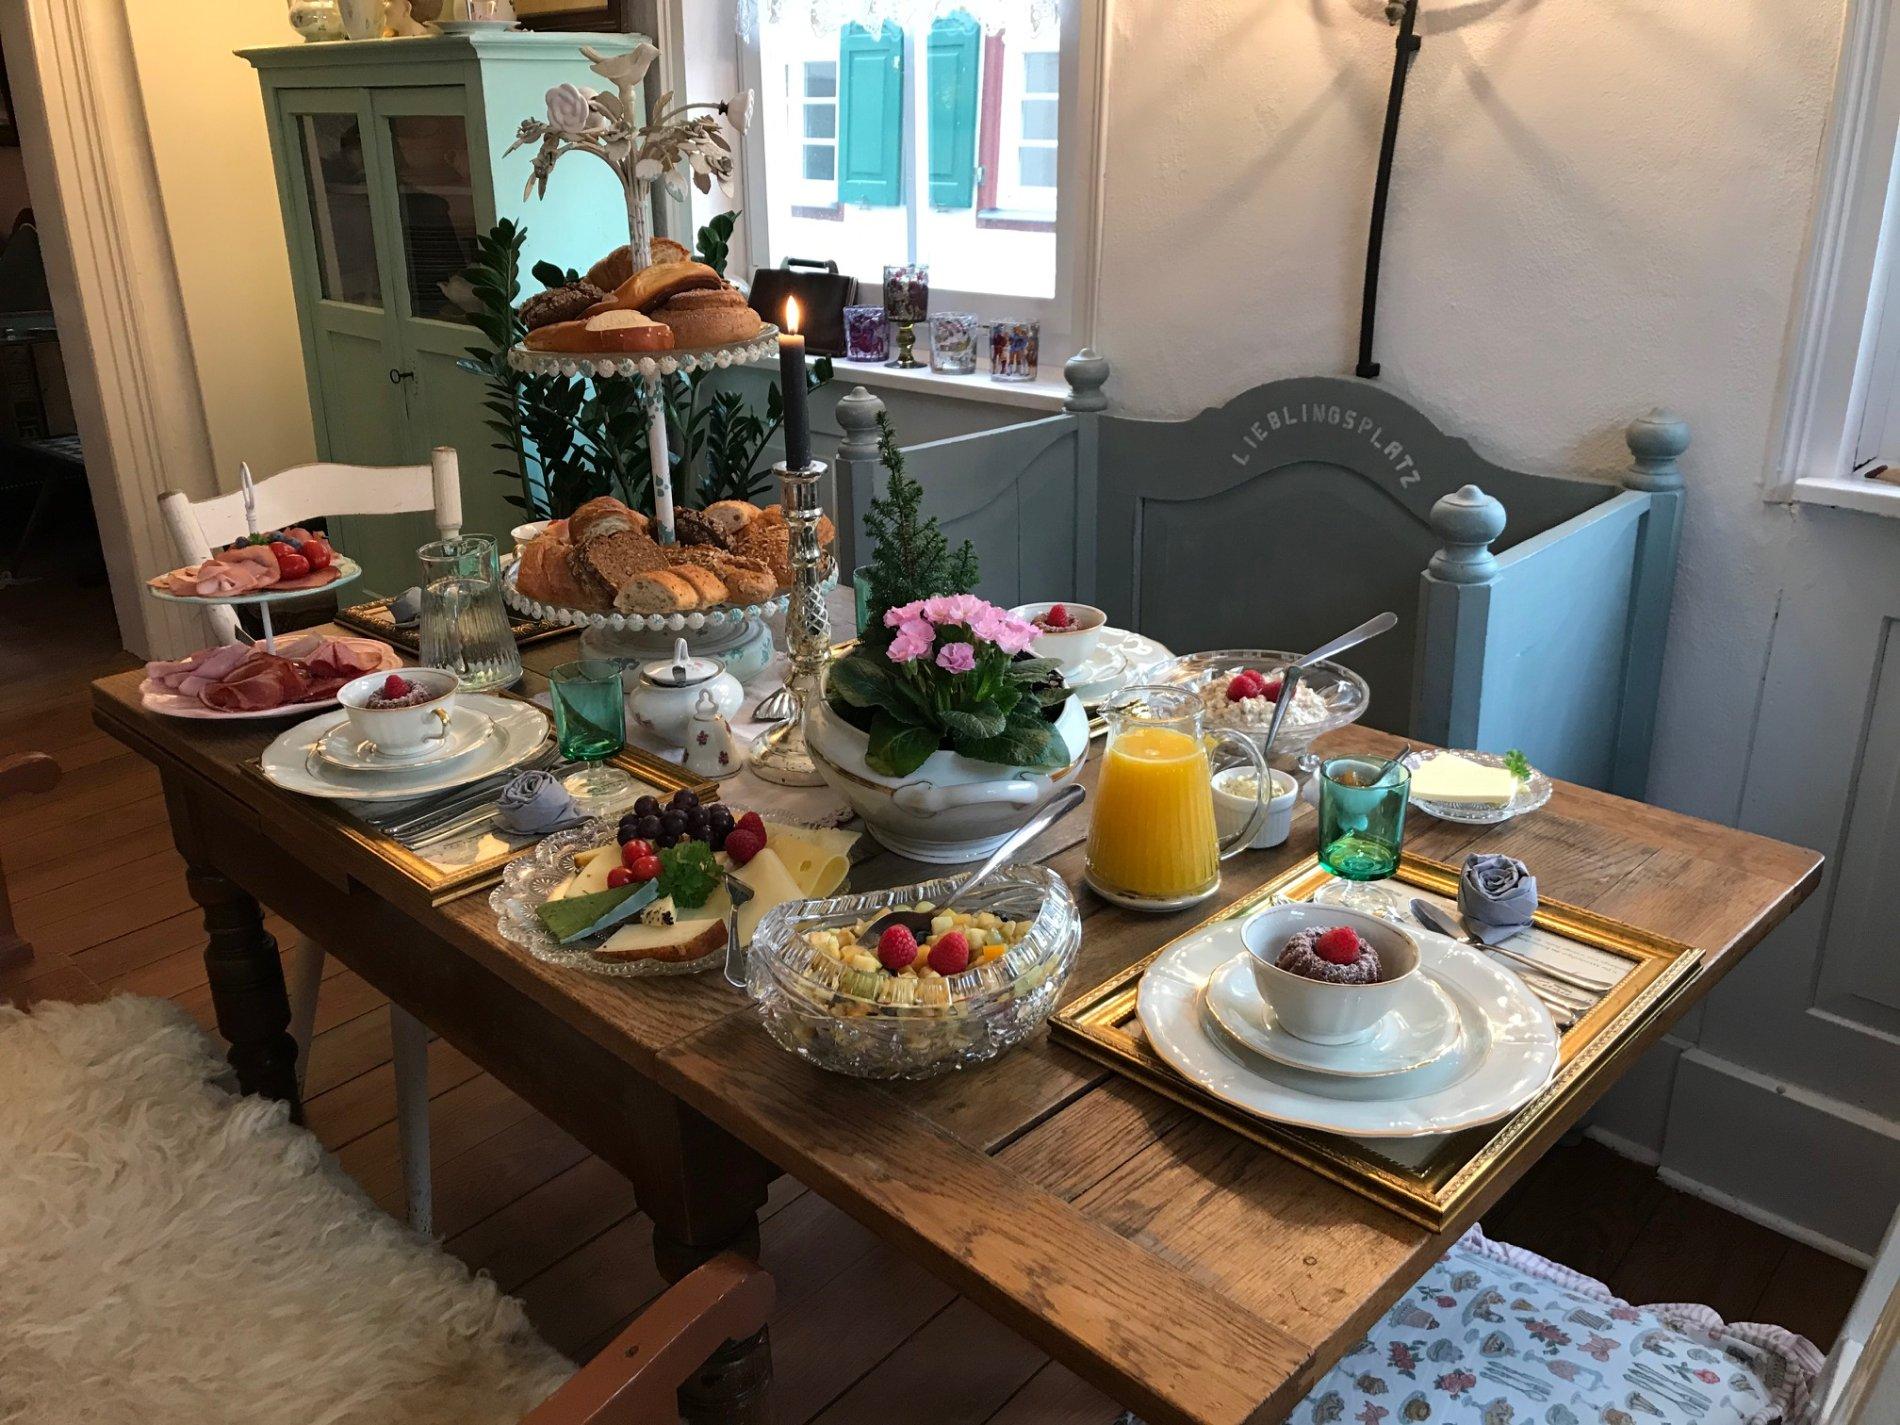 Im Raum steht ein gedeckter Tisch mit Tellern und Tassen, Essen und Tinken. Um den Tisch steht eine Bank und 3 Stühle, das Licht brennt.